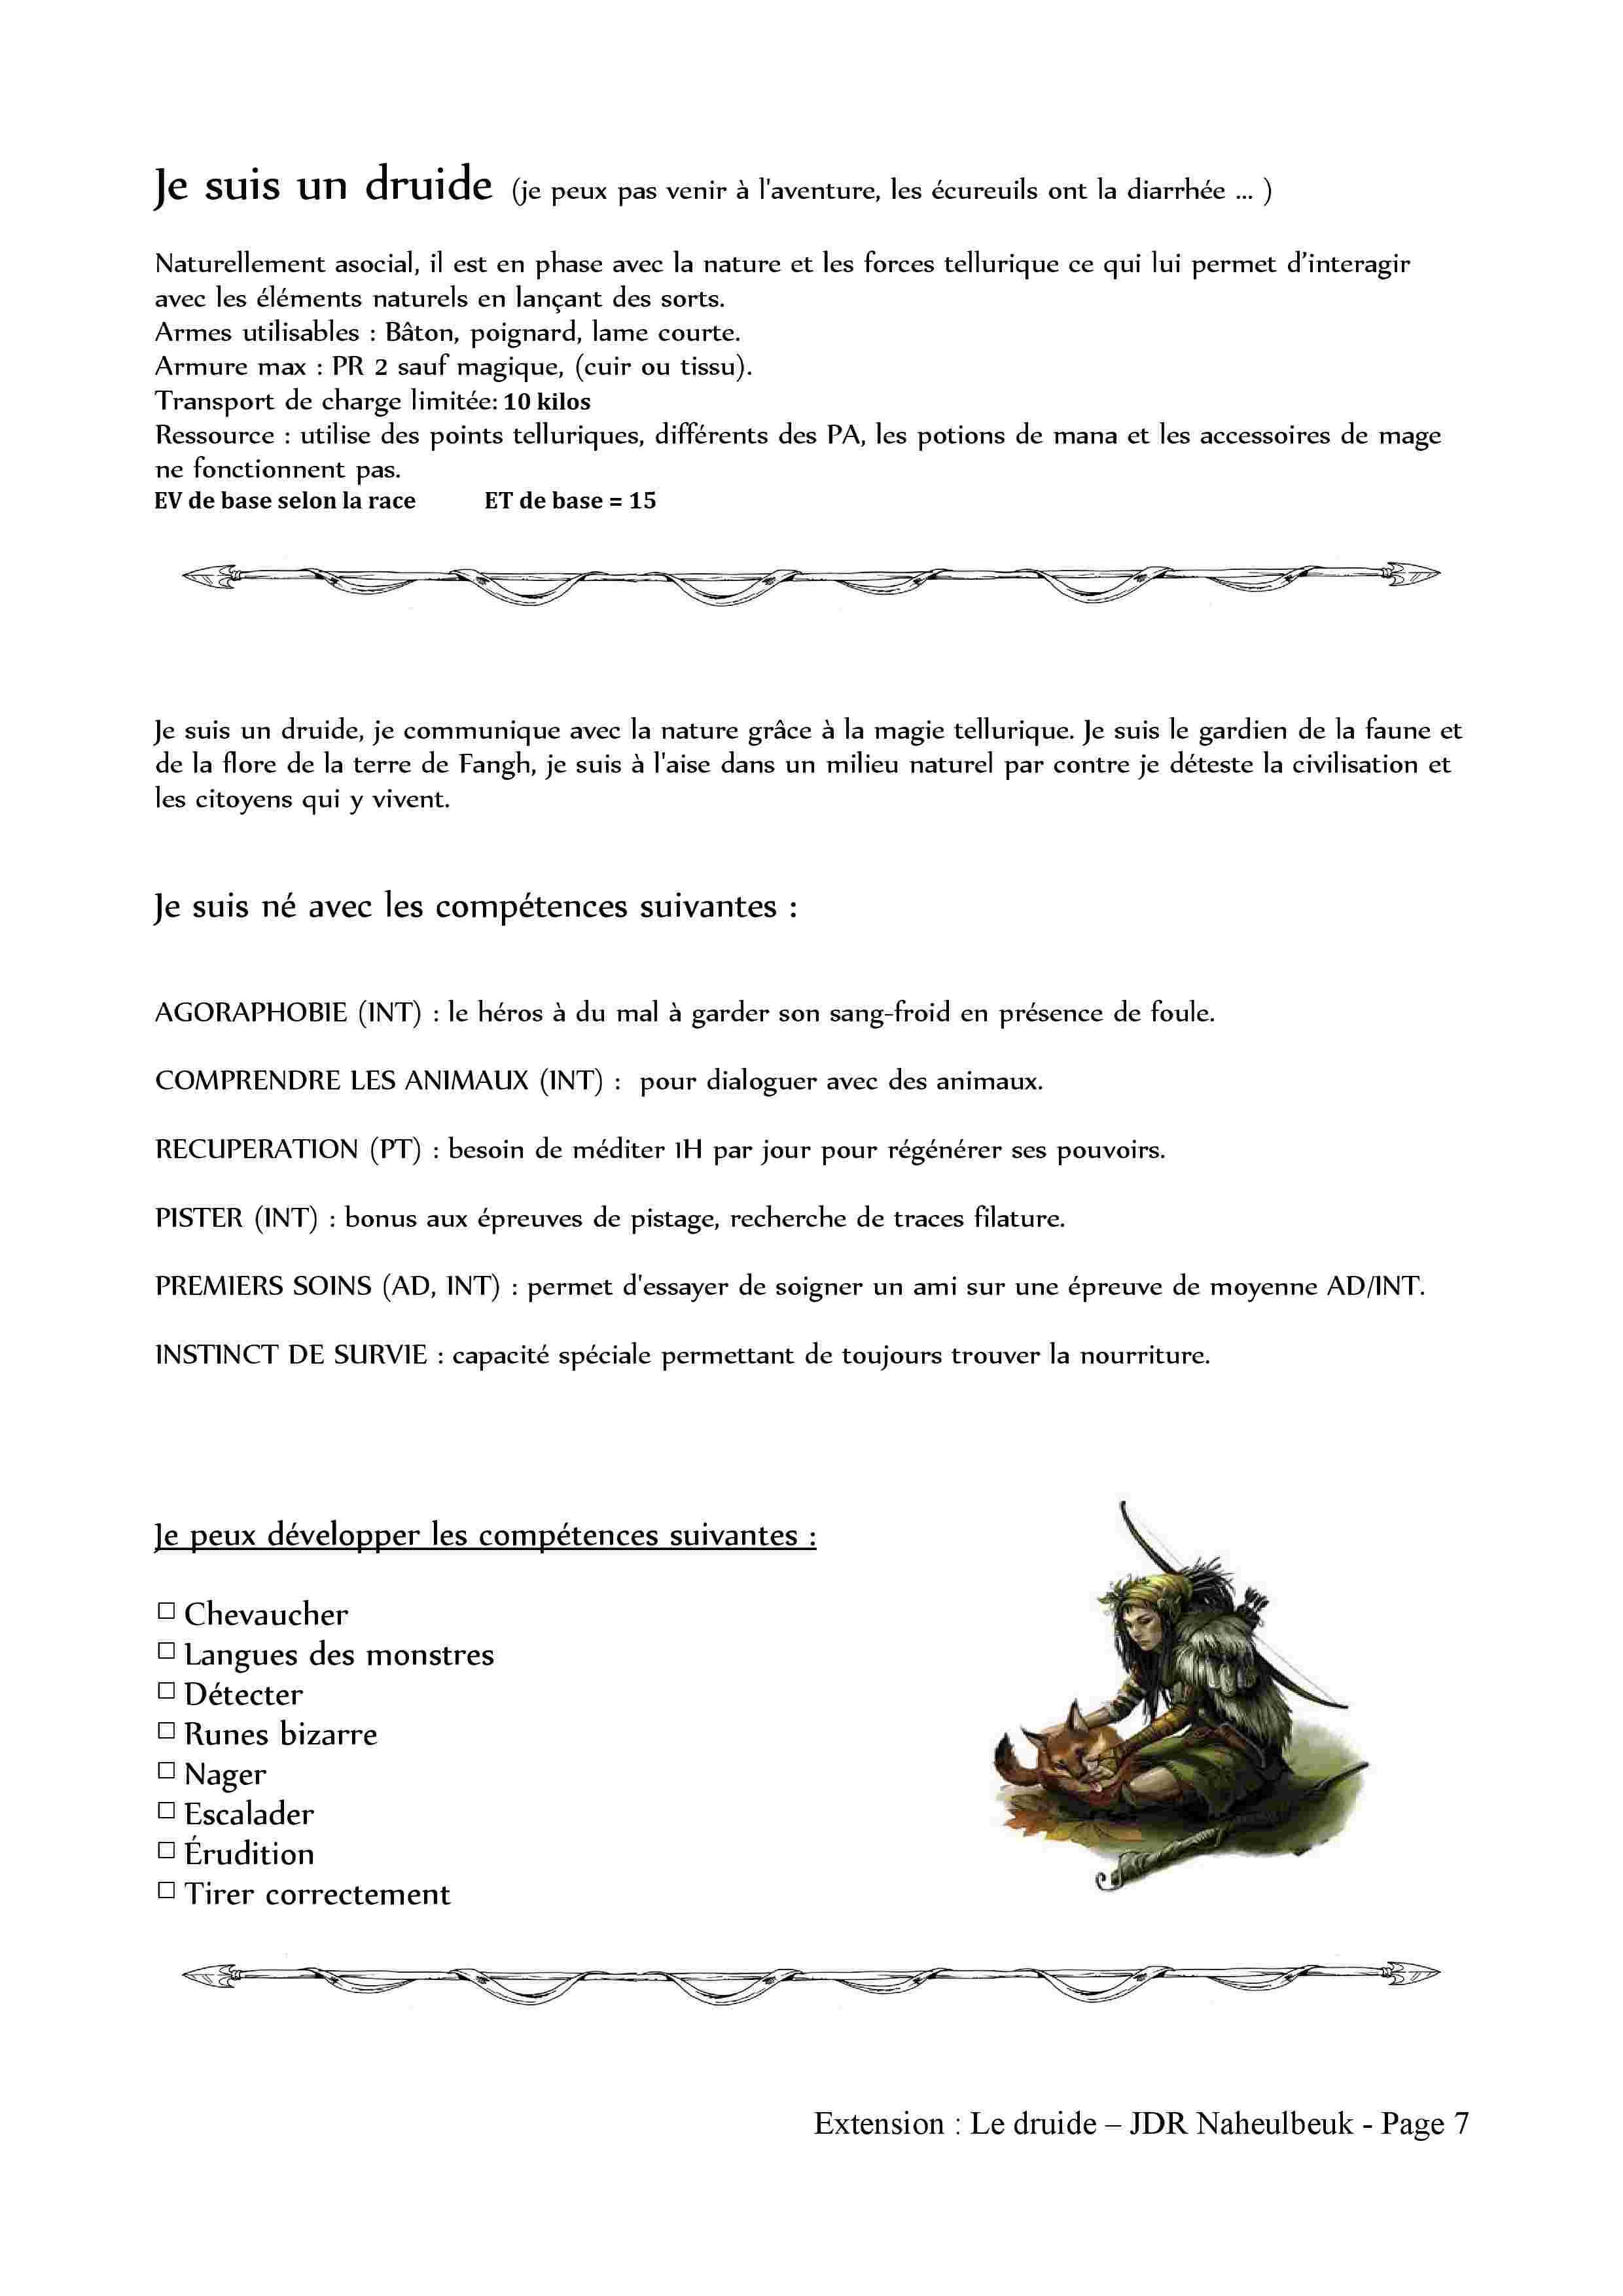 Druidisme 2.0 000610